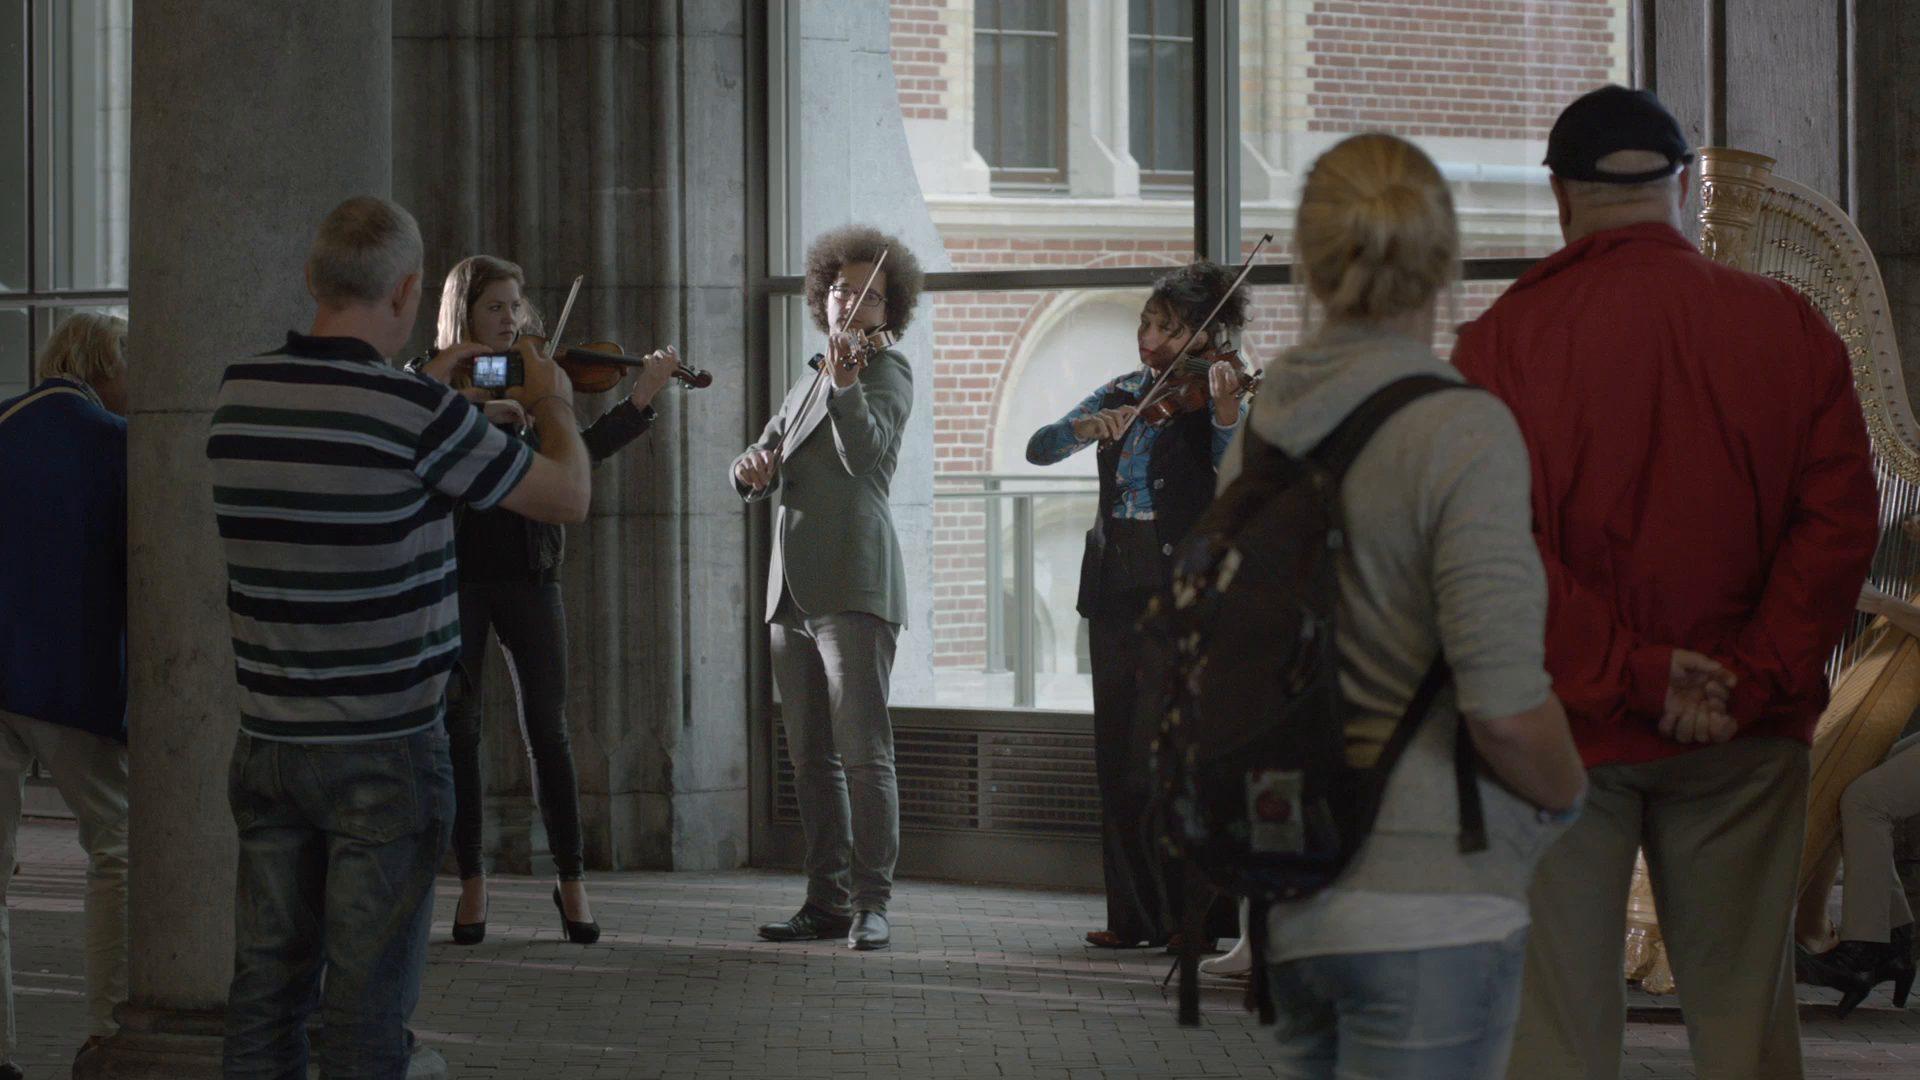 Rijksmuseum Magie Nl 90 Skyhof 20883 3